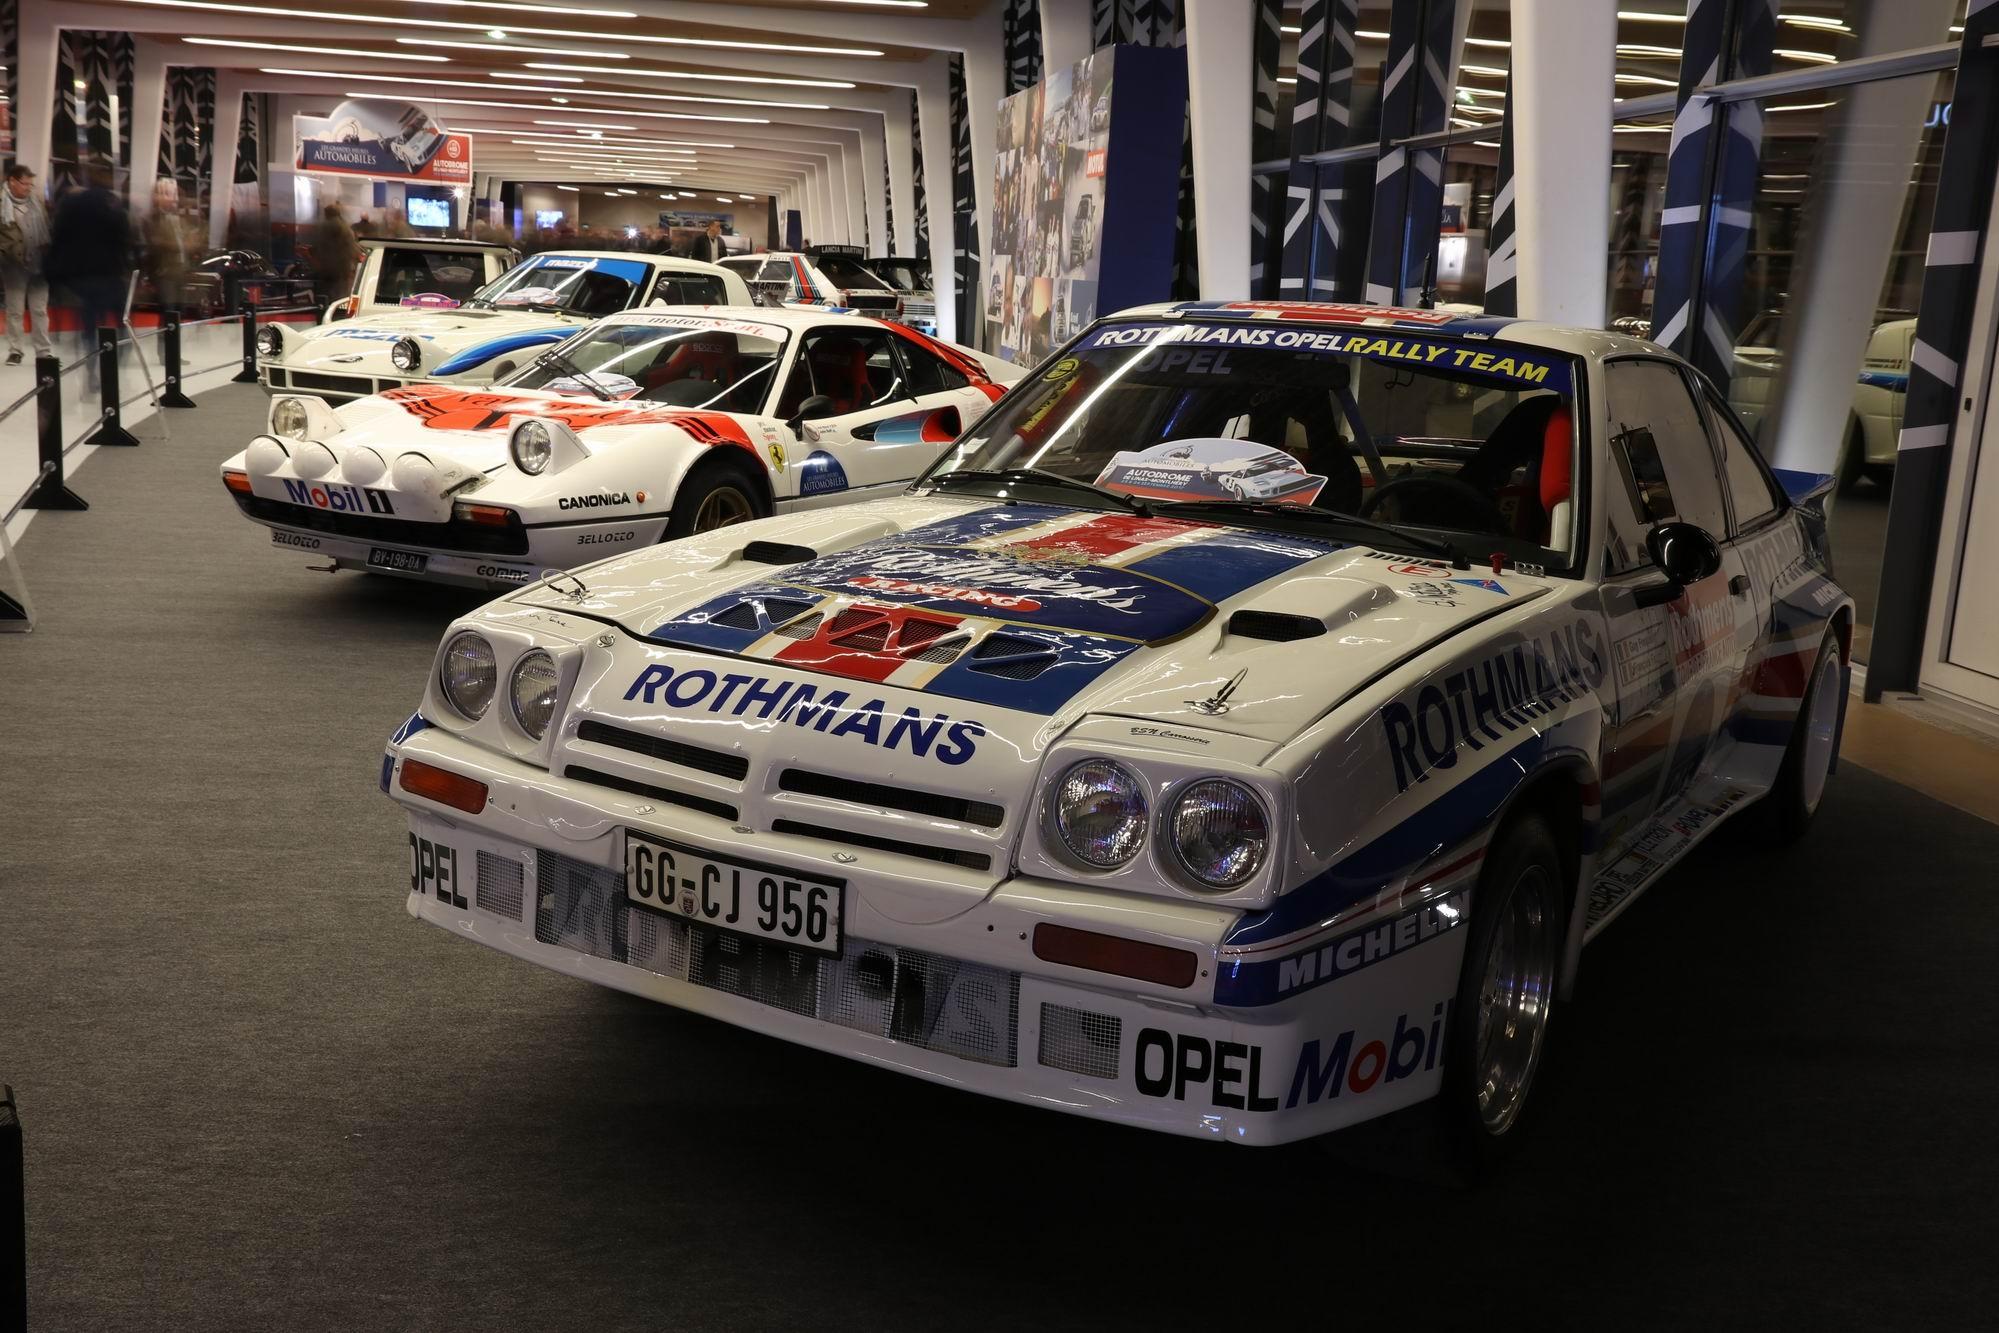 Rallye groupe b